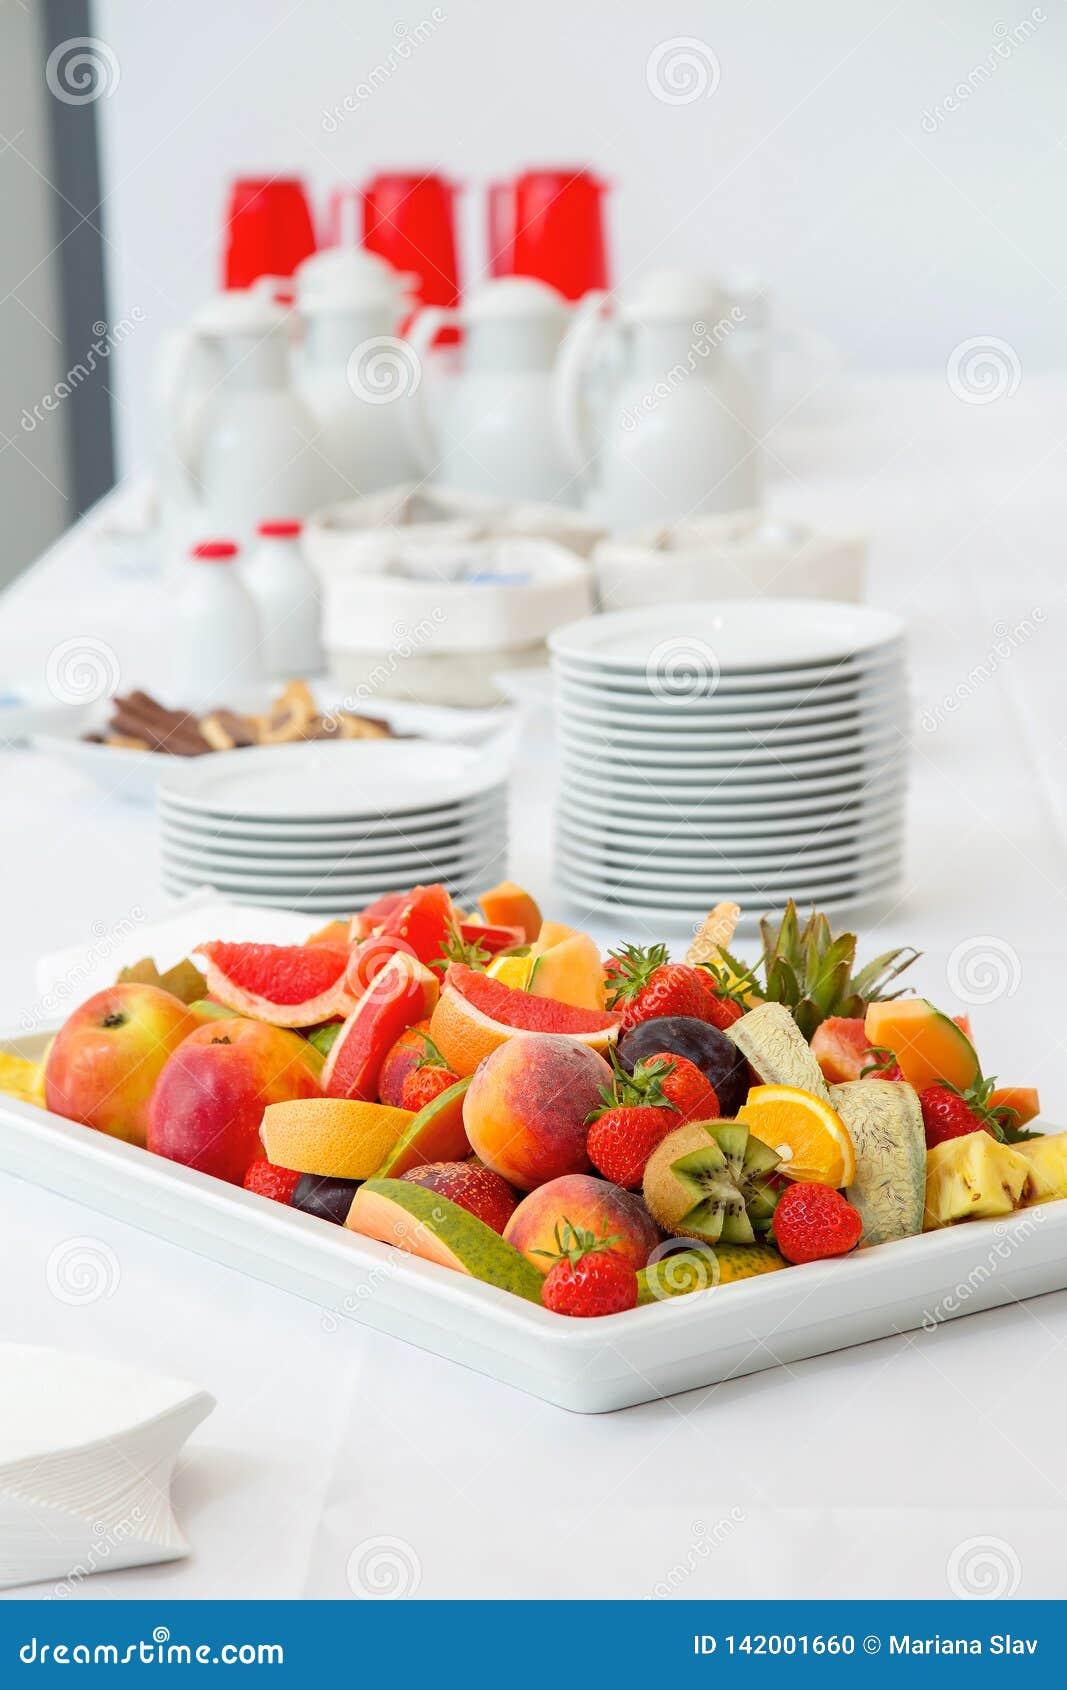 Завтрак шведский стол - плоды, кофе и чай